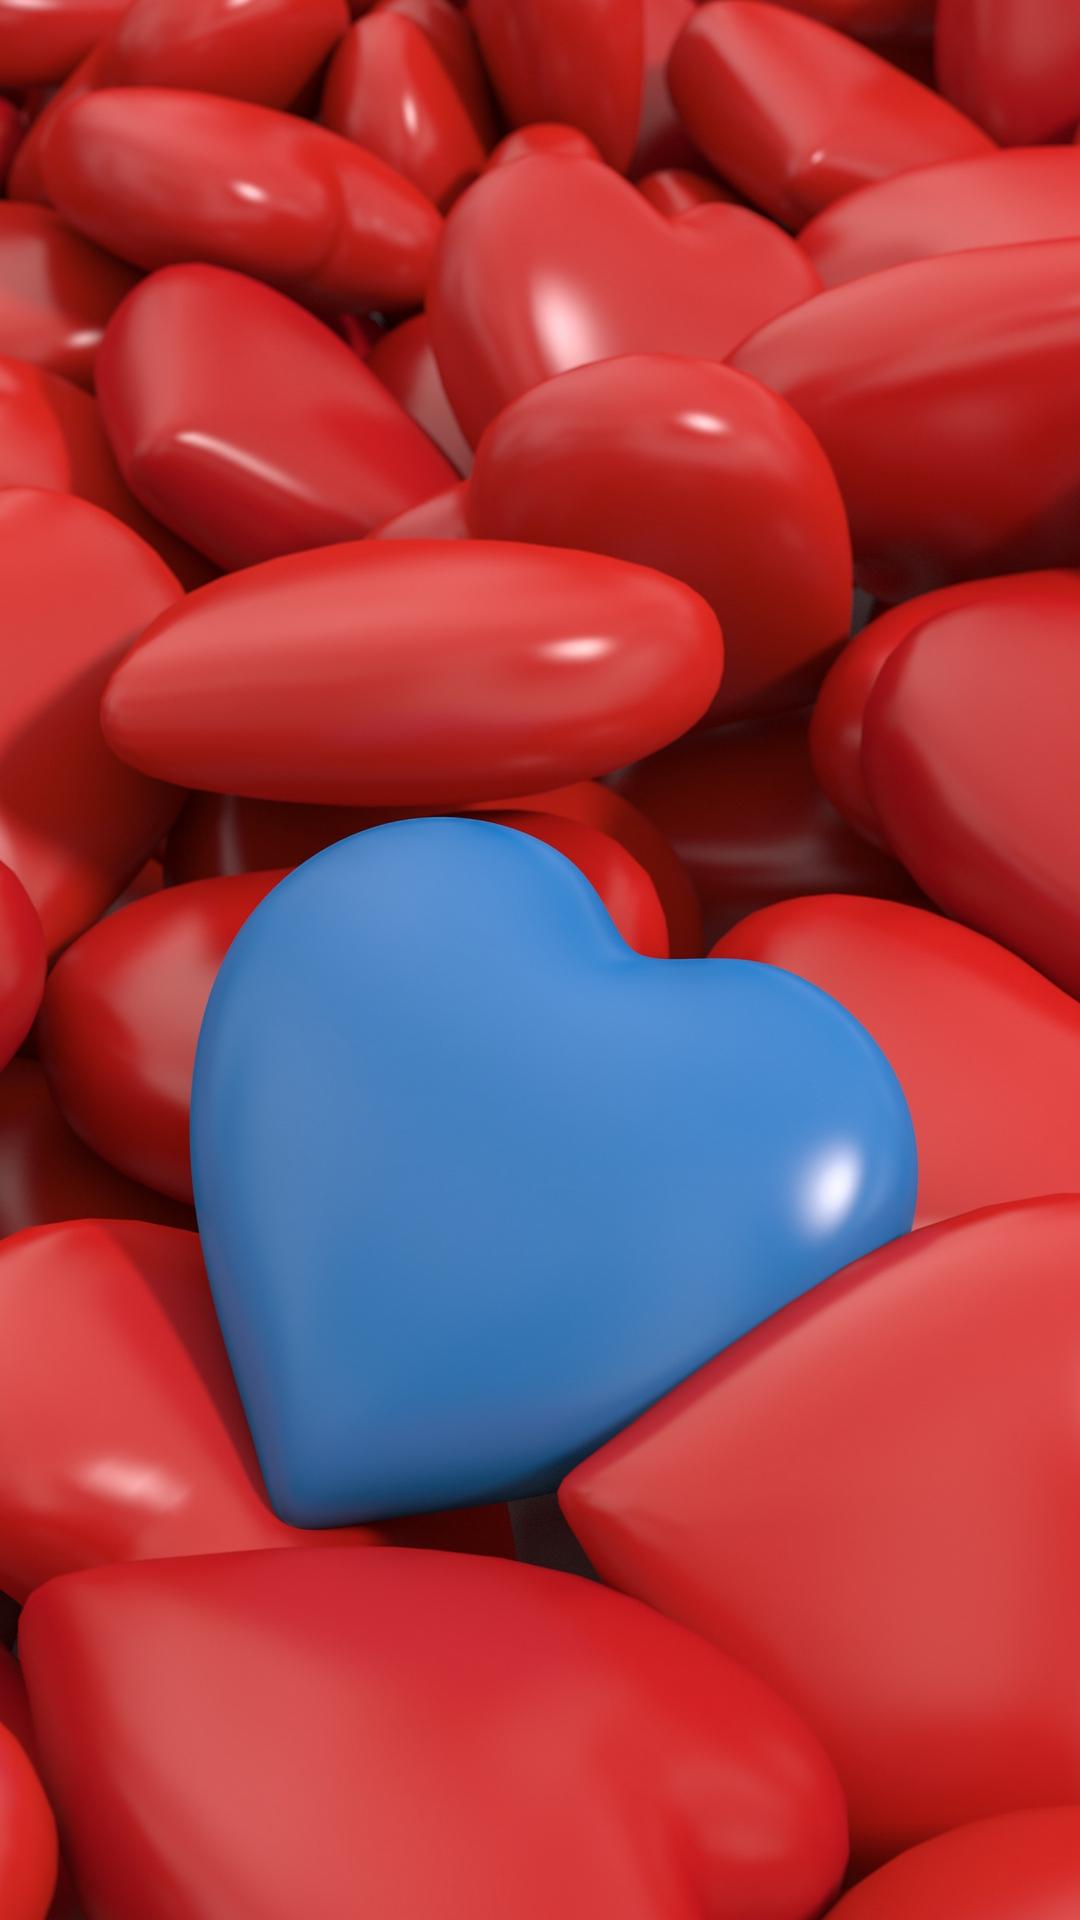 3d Heart Red Blue Hd Wallpaper 1080x1920